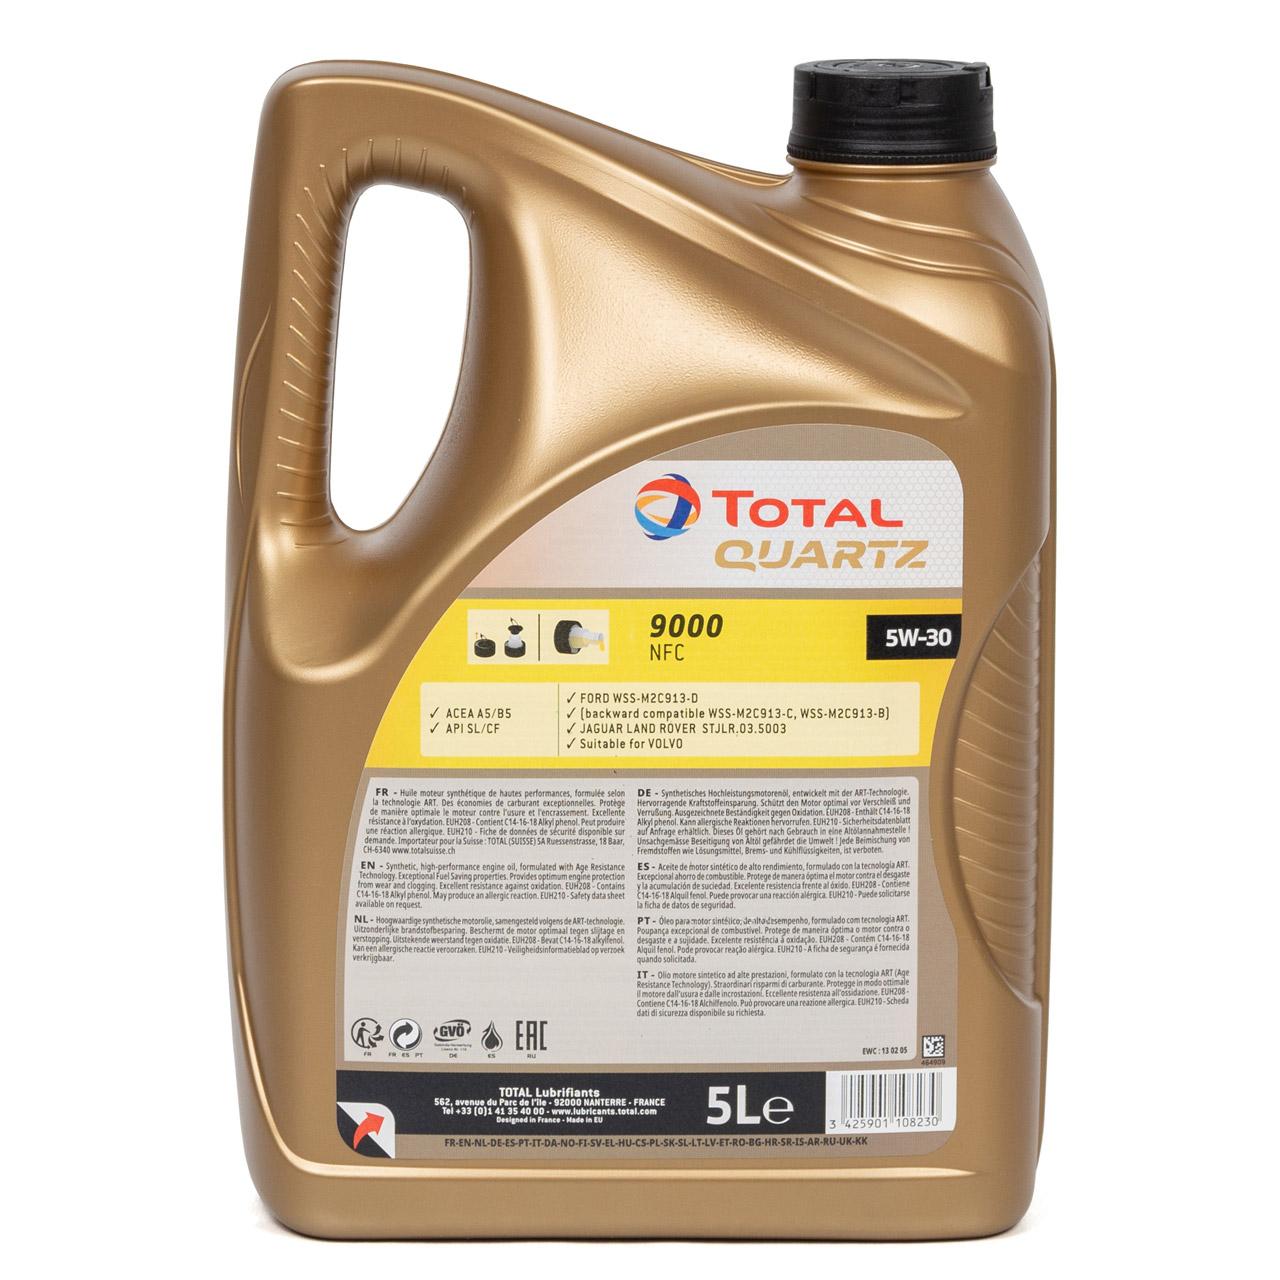 5L 5 Liter TOTAL Motoröl Öl QUARTZ 9000 NFC 5W-30 ACEA A5/B5 FORD WSS-M2C913-D